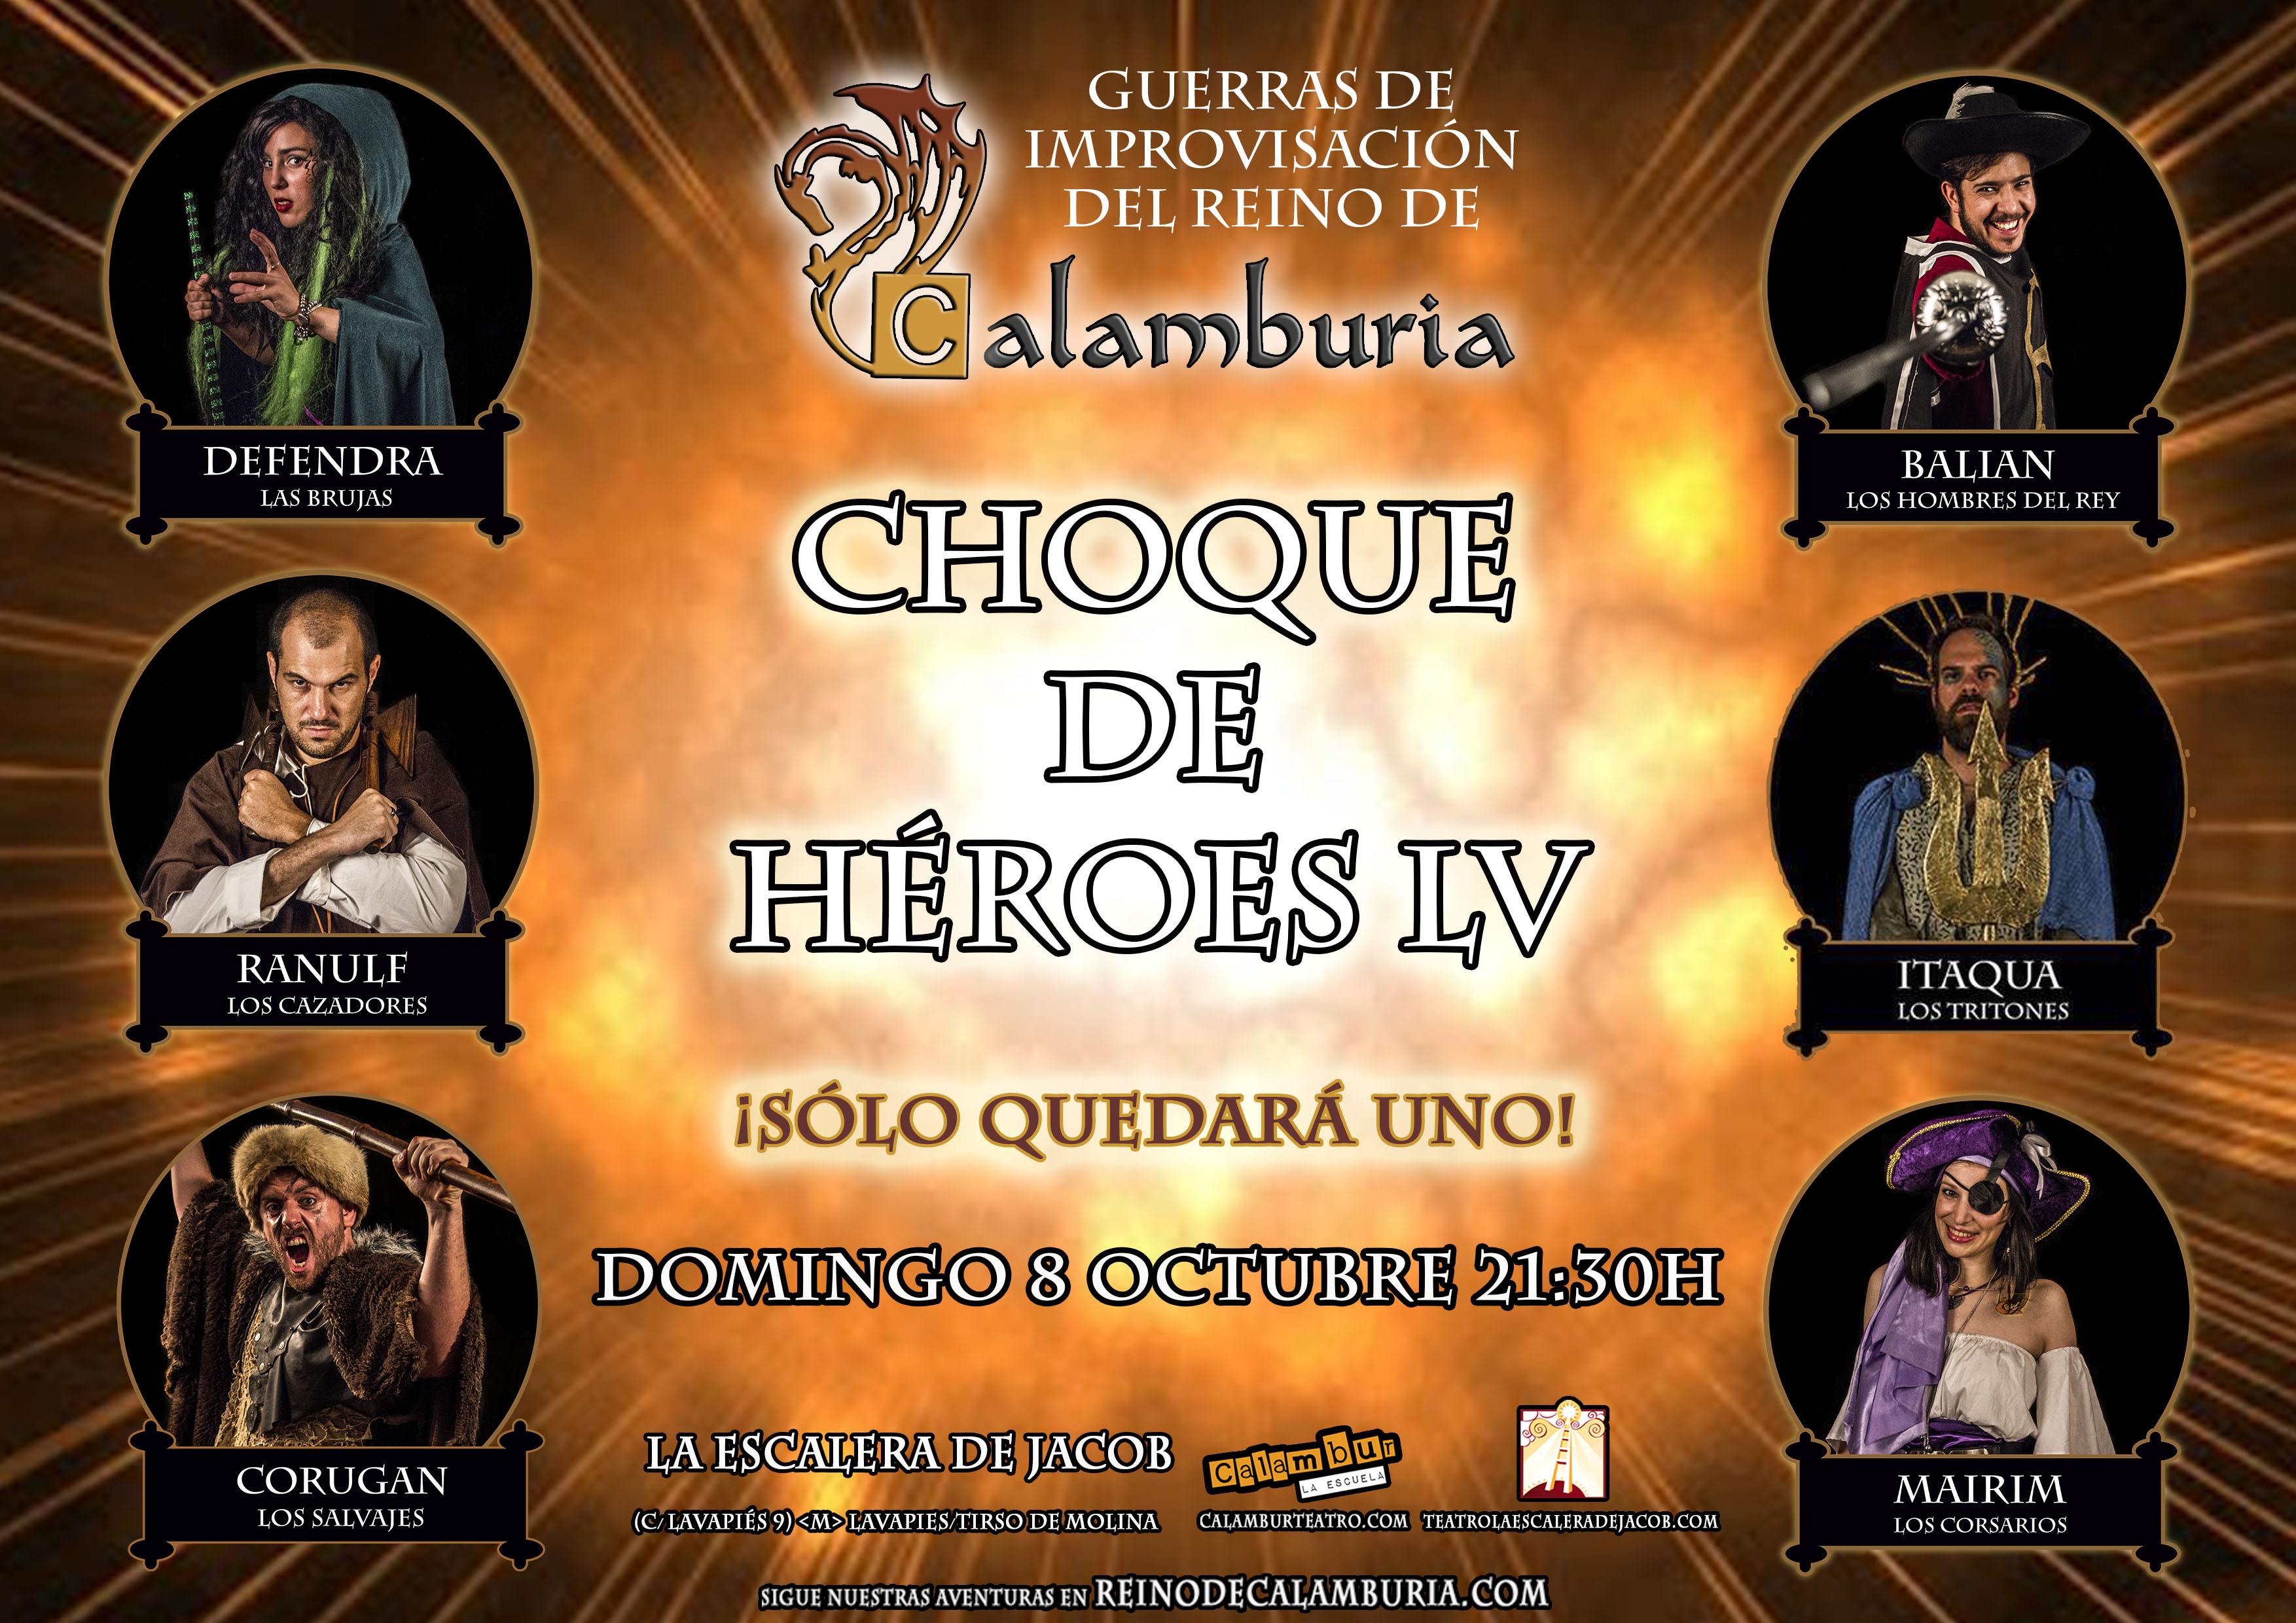 CHOQUE DE HEROES 55